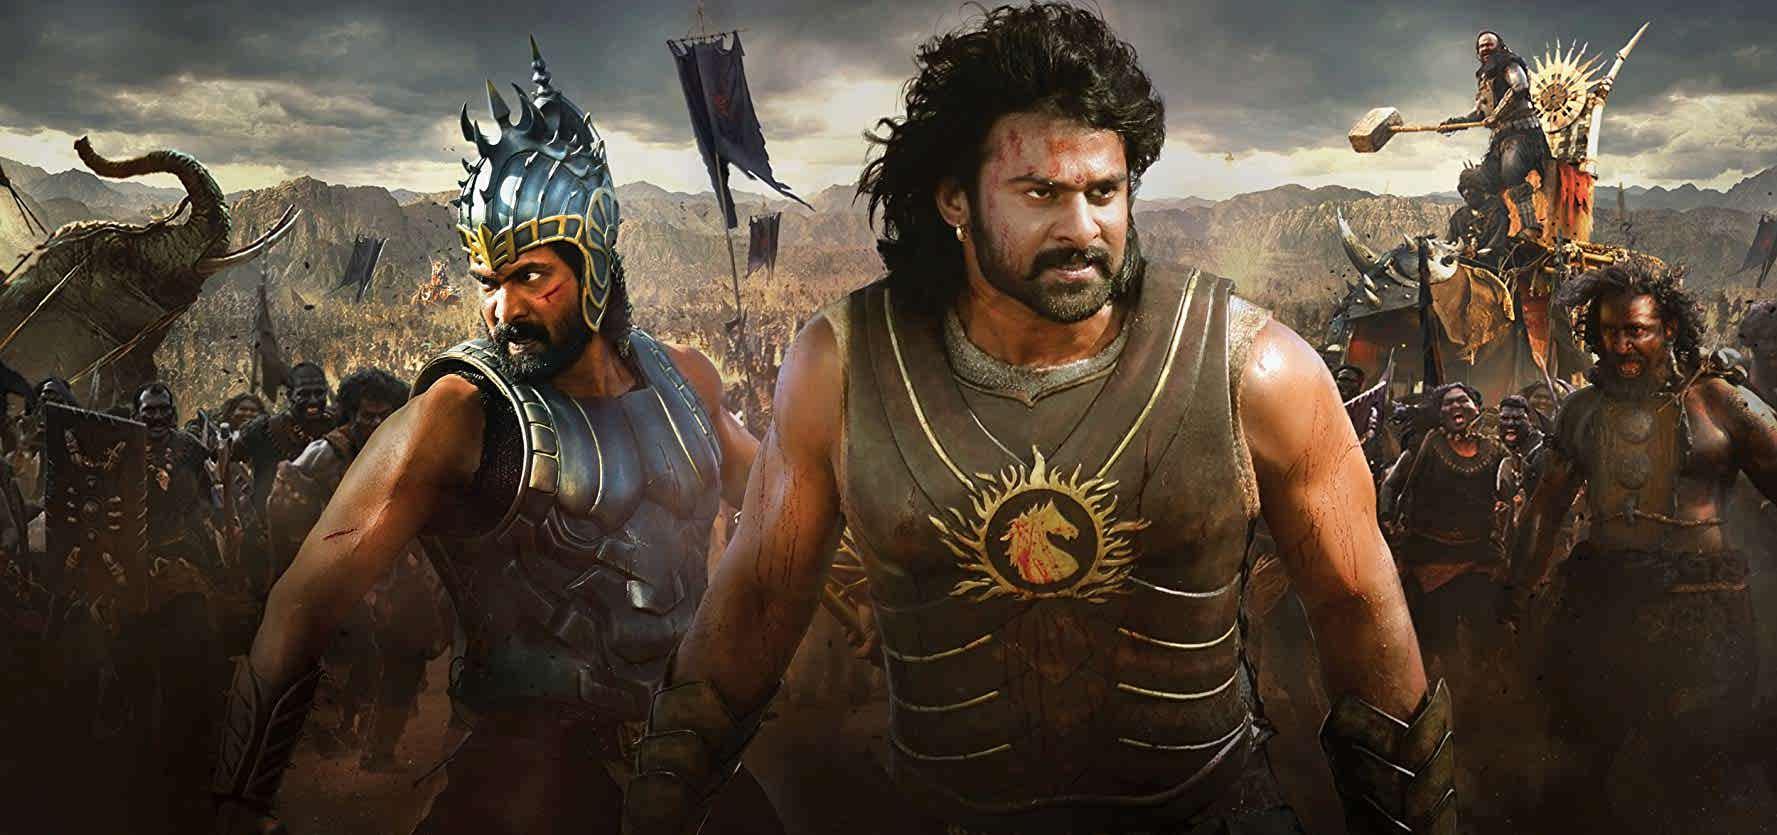 دانلود فیلم هندی Baahubali The Beginning 2015 باهوبالی 1 دوبله فارسی و سانسور شده